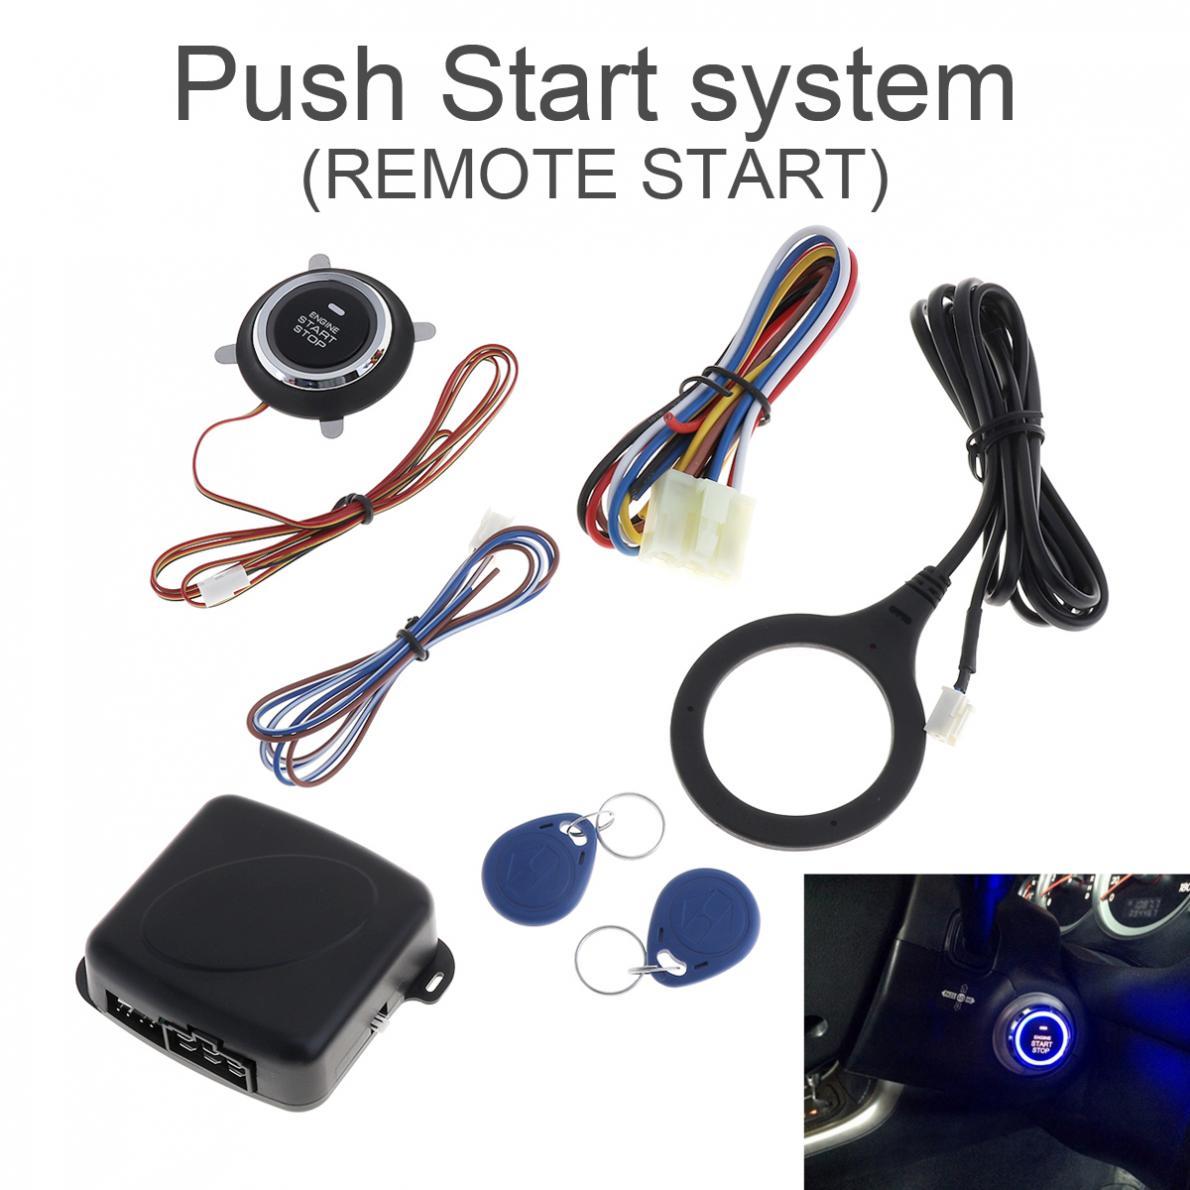 Auto voiture alarme moteur Starline bouton poussoir démarrage arrêt 12 V RFID voiture système d'alarme verrouillage Anti-vol système de démarrage rapide